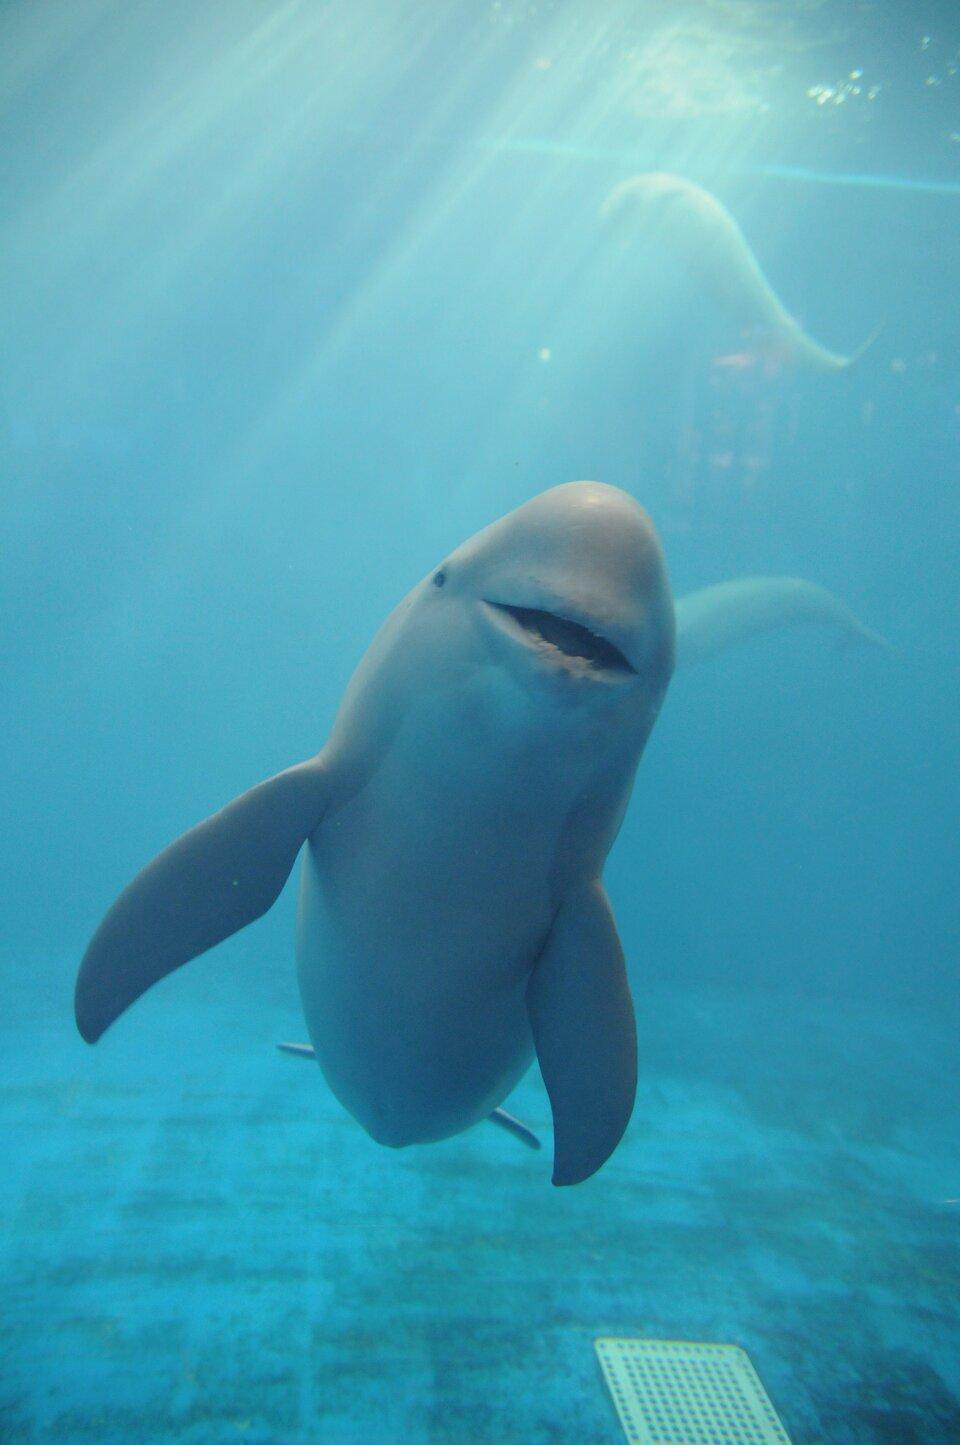 Fotografia podwodna przedstawia od przodu płynącego morświna wbasenie. Ztyłu znajdują się jeszcze dwa beżowe morświny.